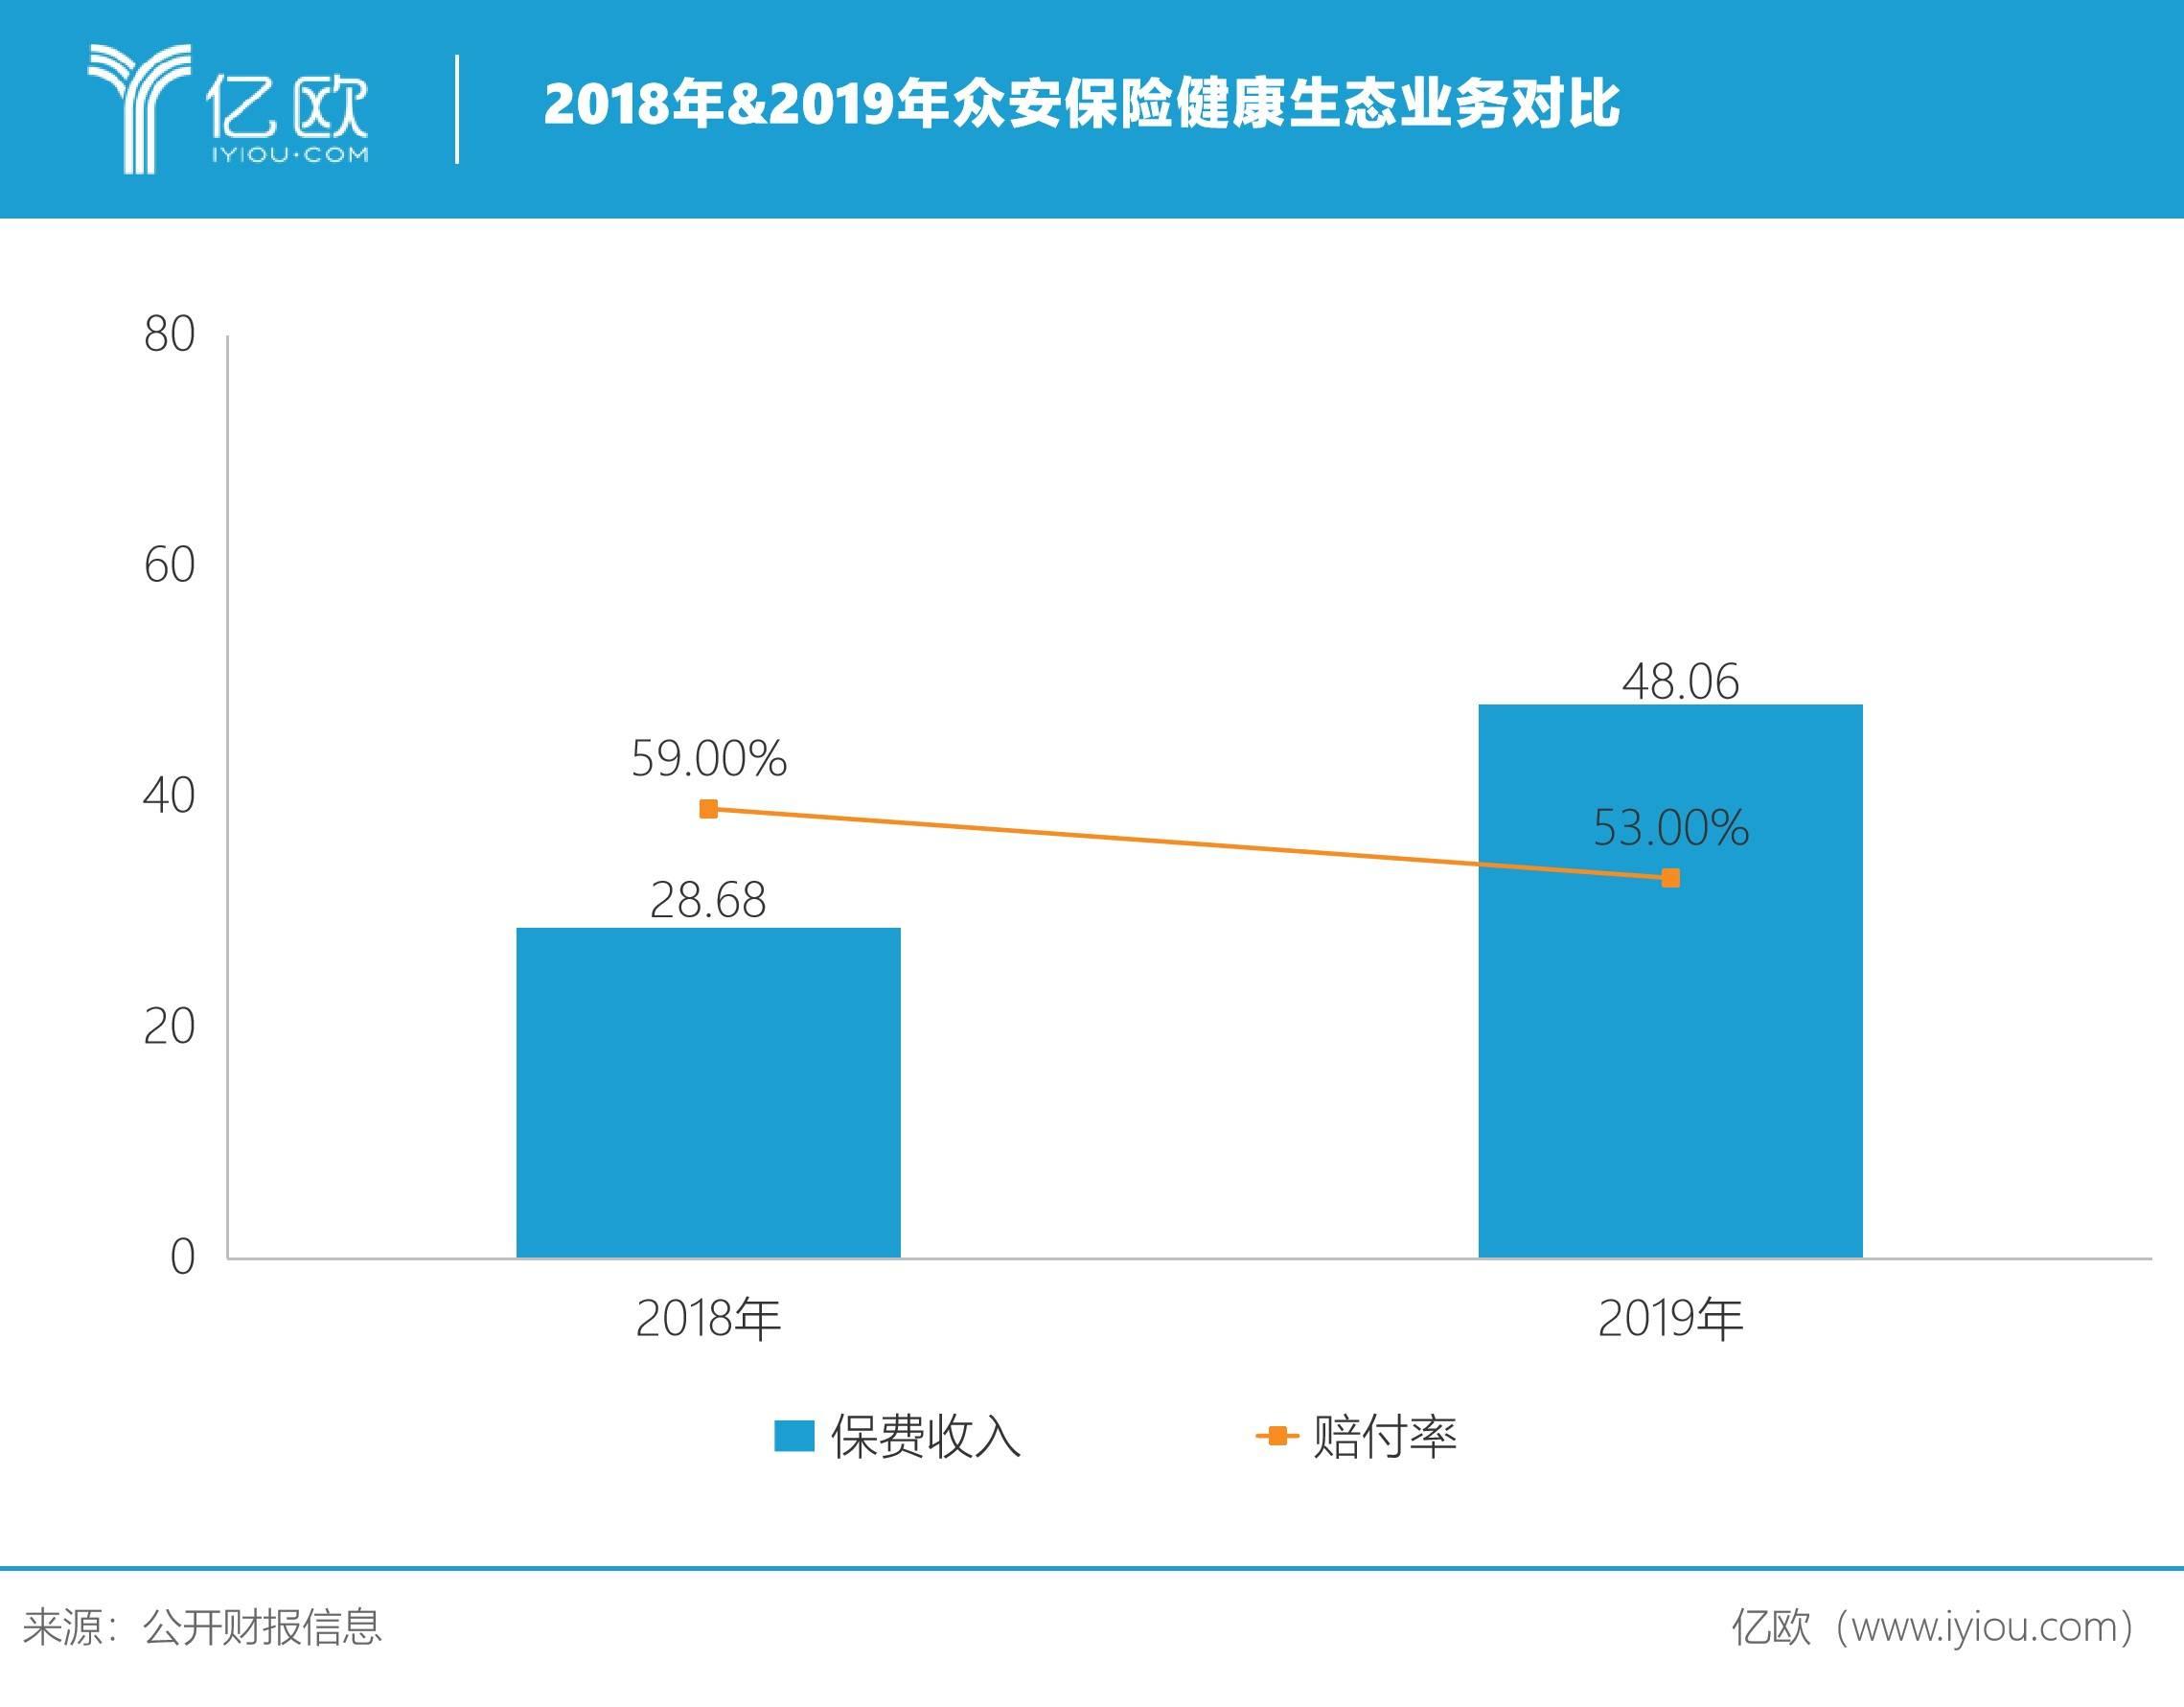 2018&2019年众安保险健康生态业务对比